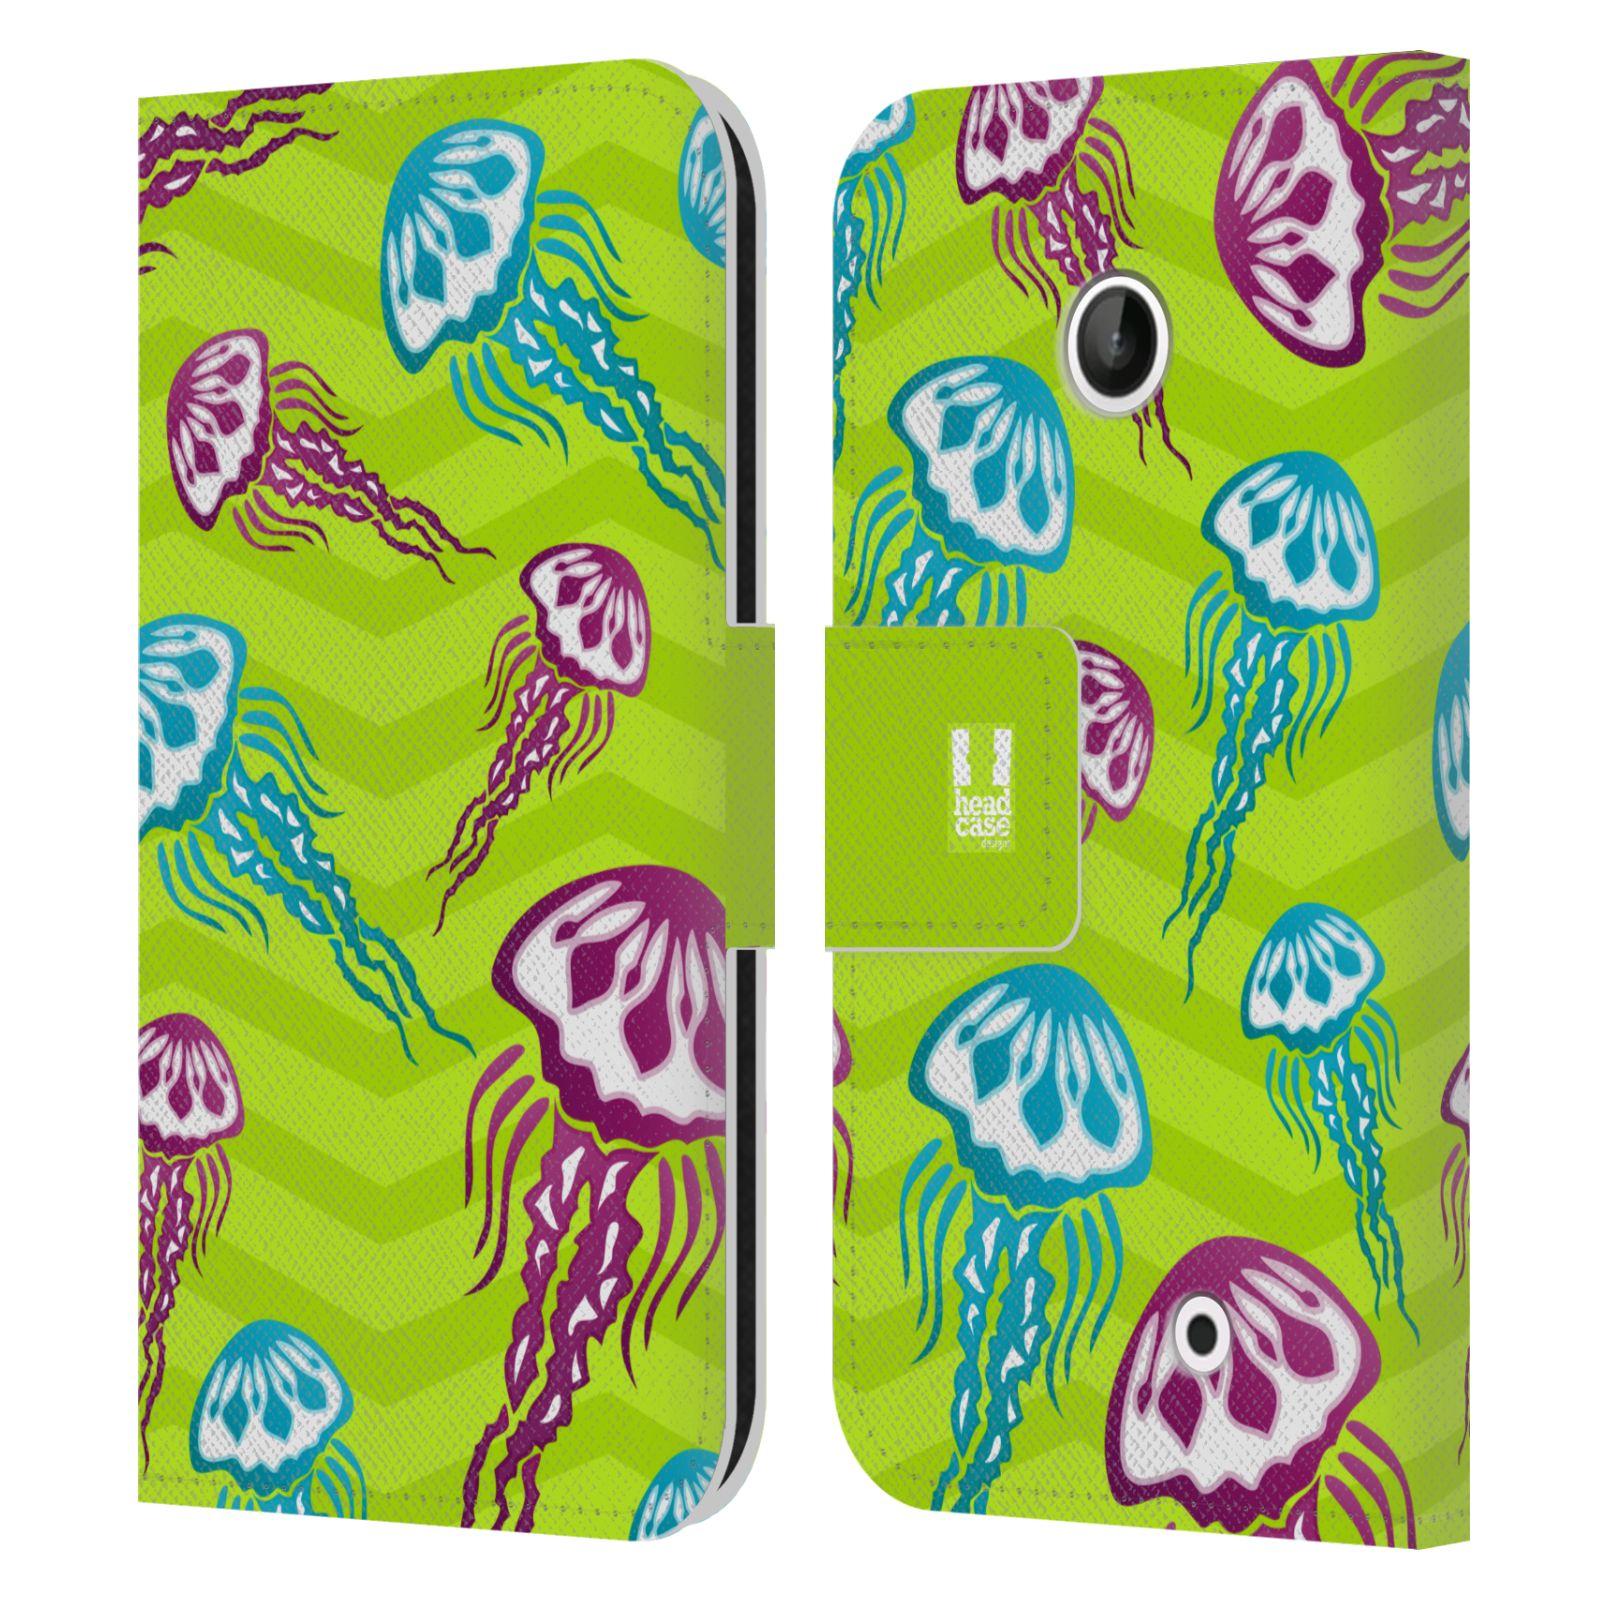 HEAD CASE Flipové pouzdro pro mobil NOKIA LUMIA 630 / LUMIA 630 DUAL Mořský živočich medůza zelená barva